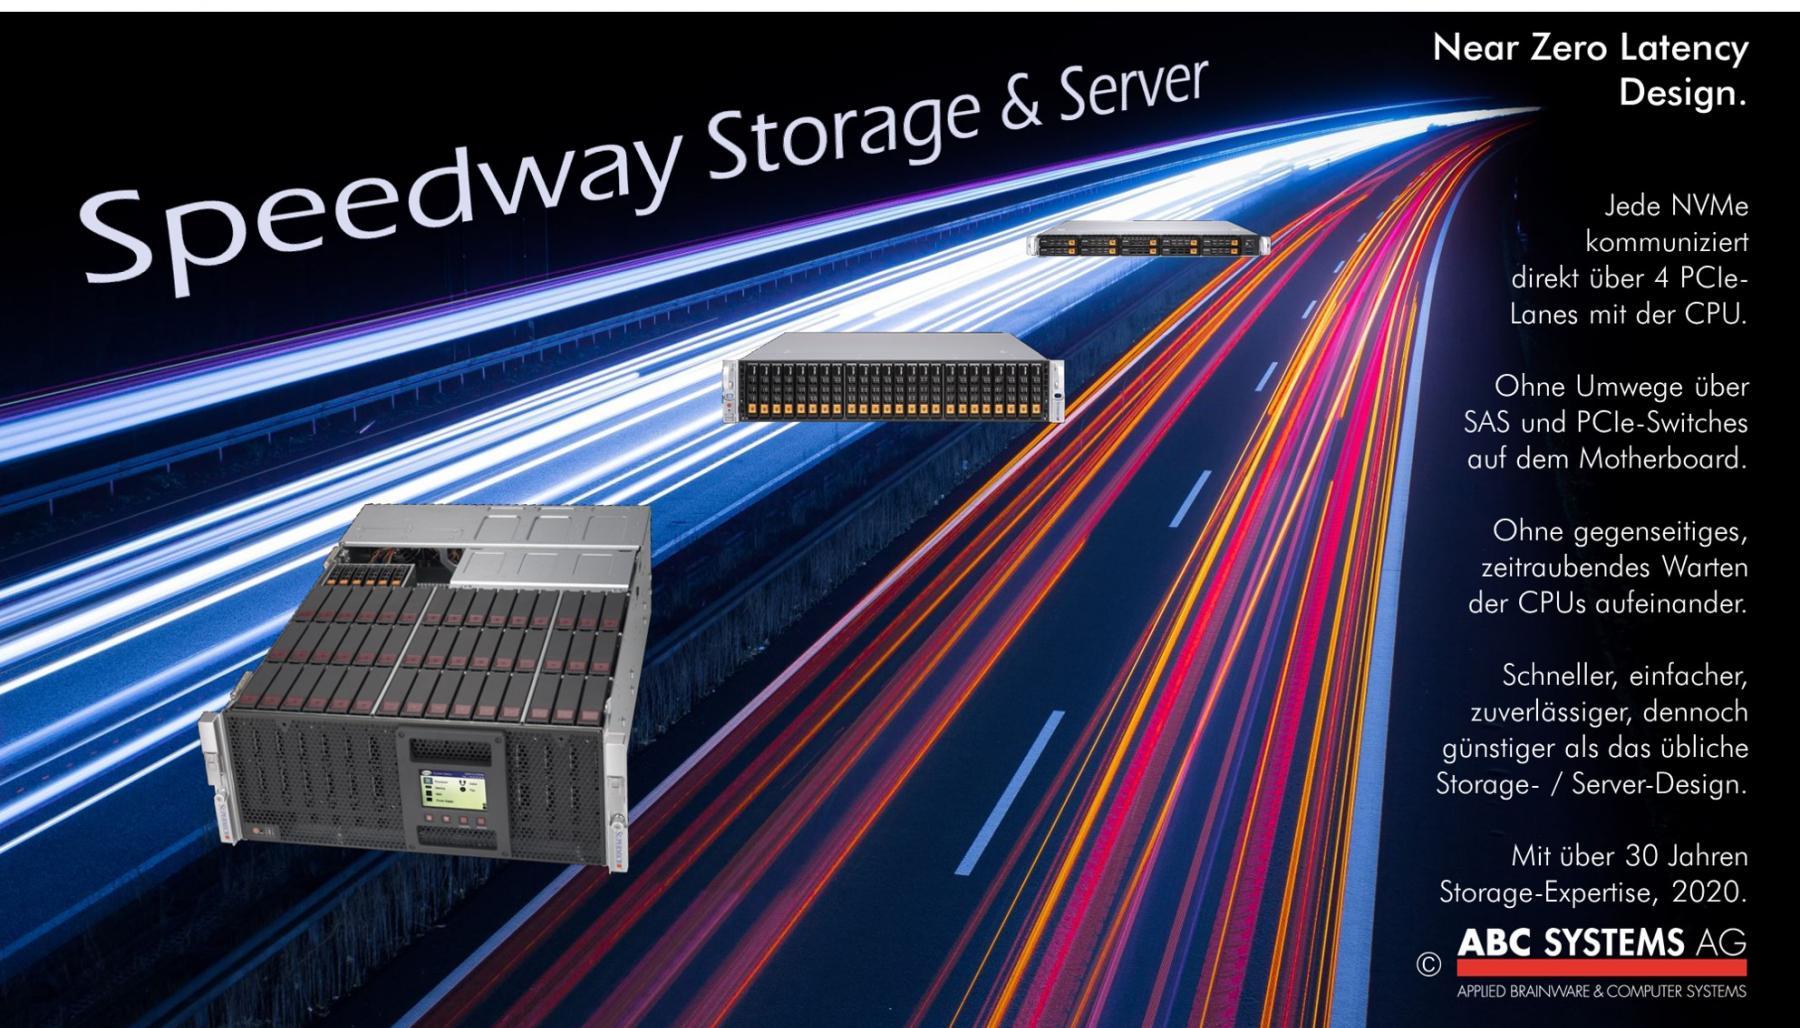 Speedway Storage & Server